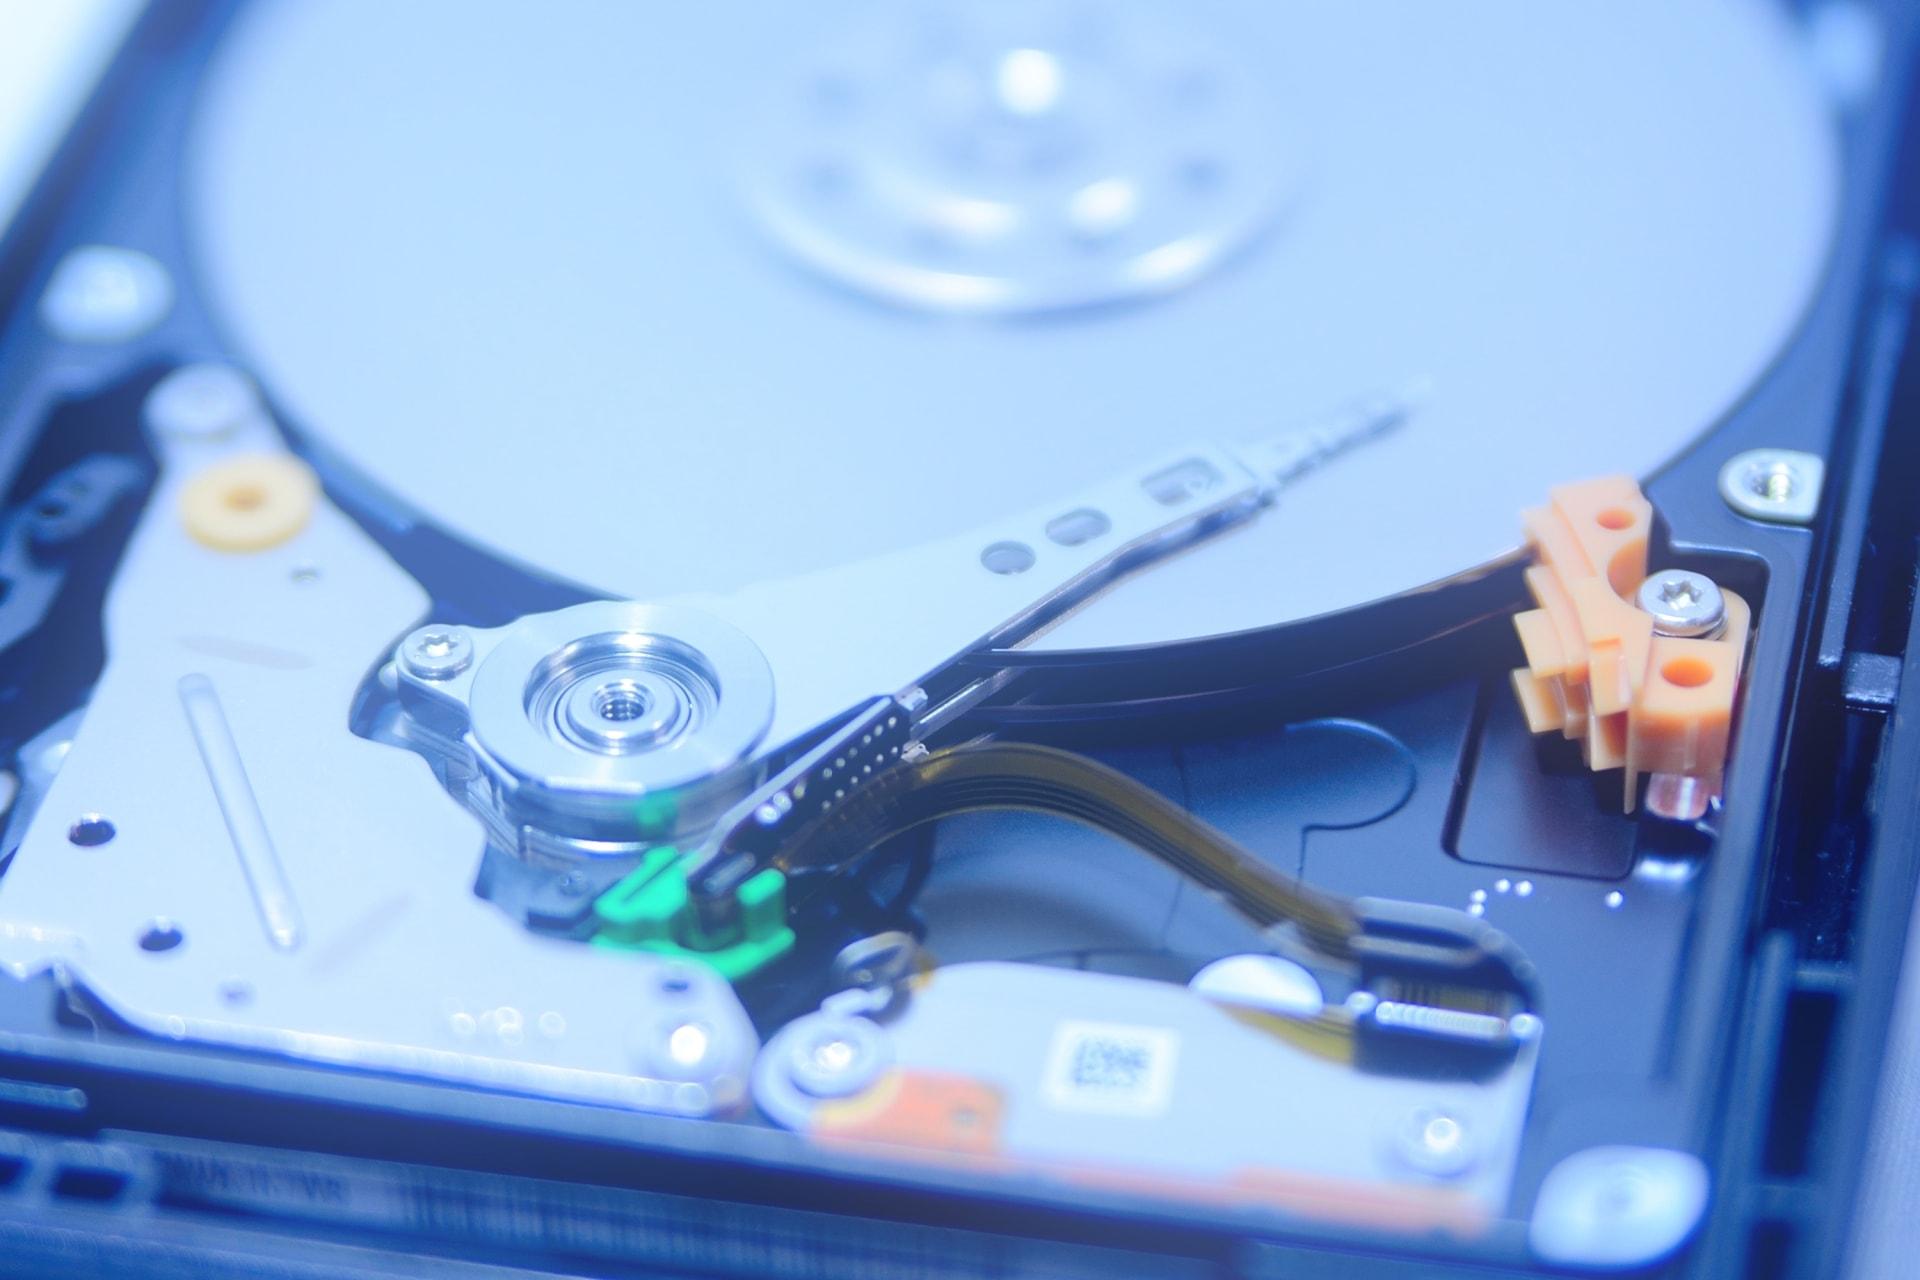 HDDのイメージ